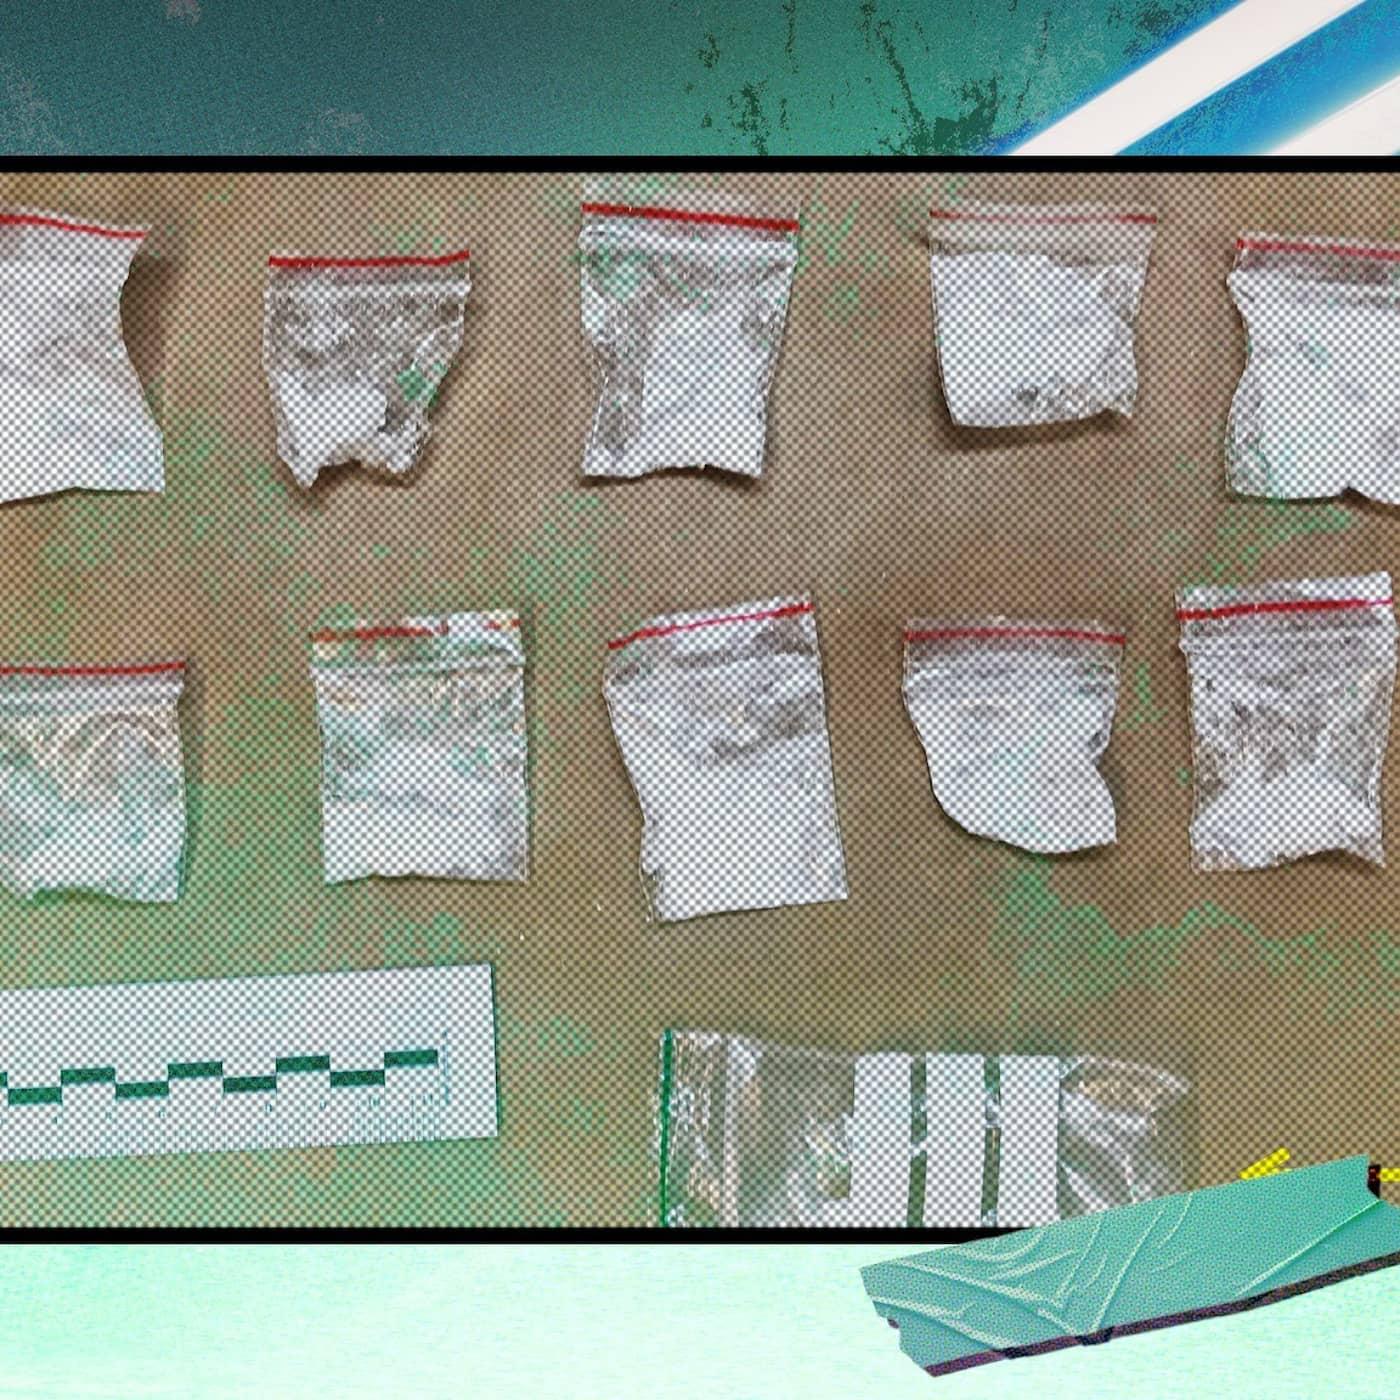 Kokainförsäljarna i Göteborg och BRÅ:s rapport om köparna och skjutningarna